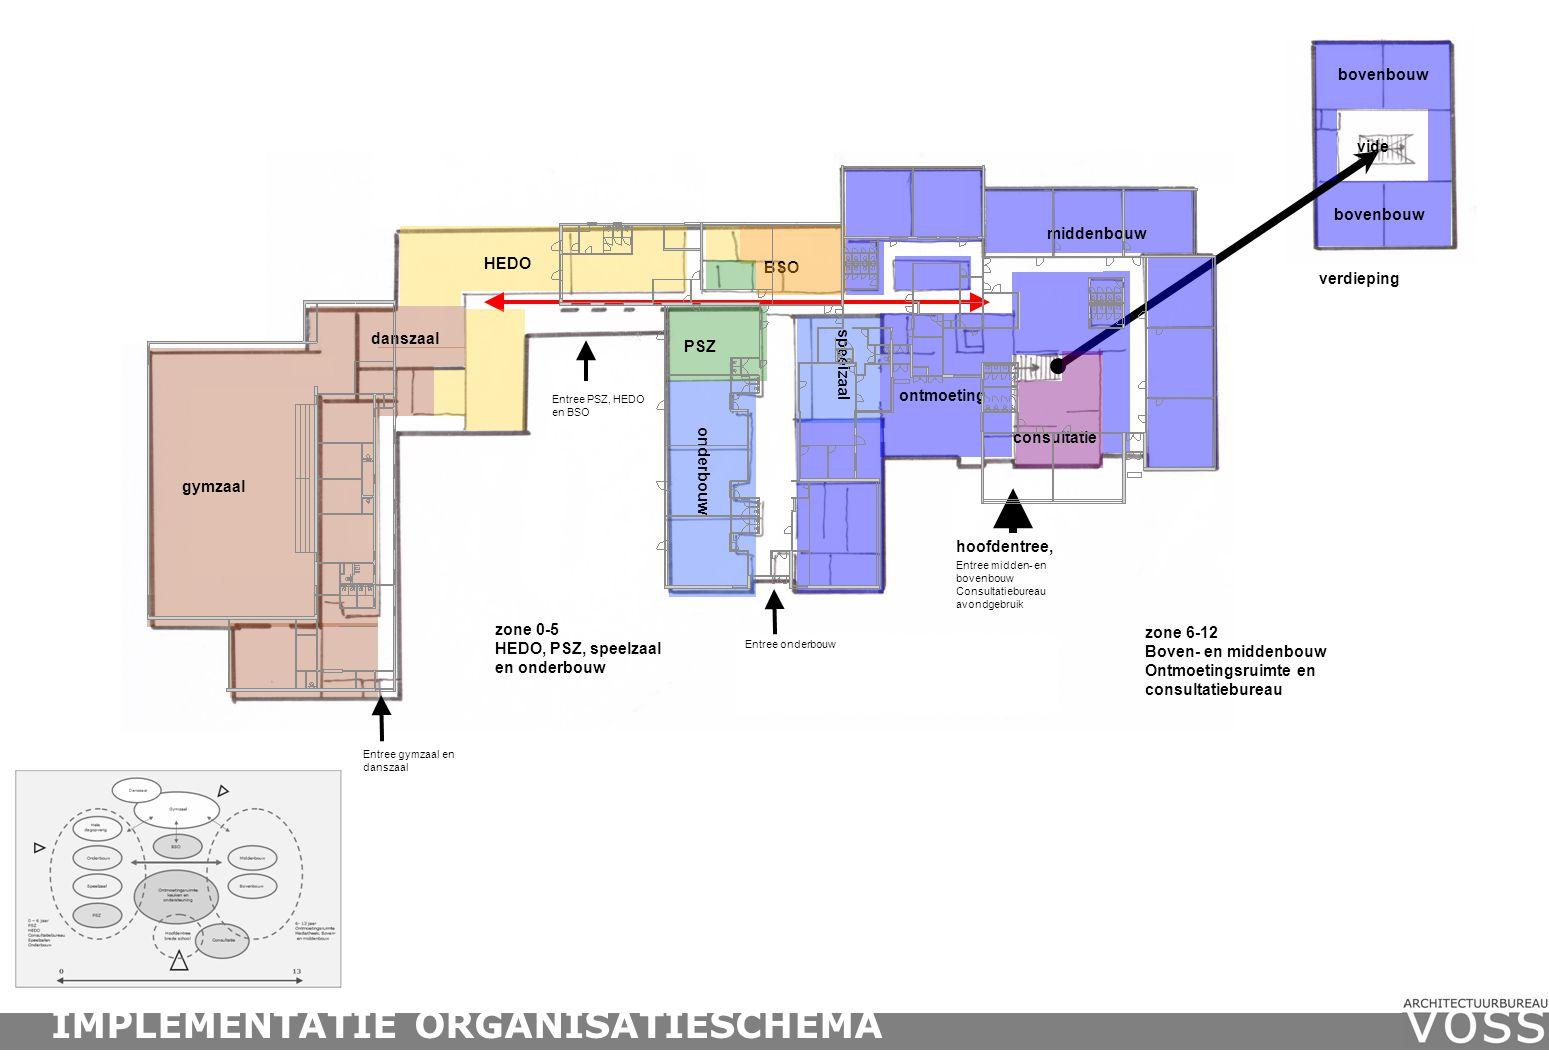 Financiële impulsen : -Subsidie stimuleren en aanpassen van huisvesting tot brede scholen -bouw gereed uiterlijk eind 2011 -Onderhoud school, meerjarig onderhoudsplan – 10 jaar onderhoudsvrij -Subsidie binnenmilieu aanvraag uiterlijk december 2009 Sloop bestaande school 1089m2 Gymzaal met annexen handhaven SLOOP